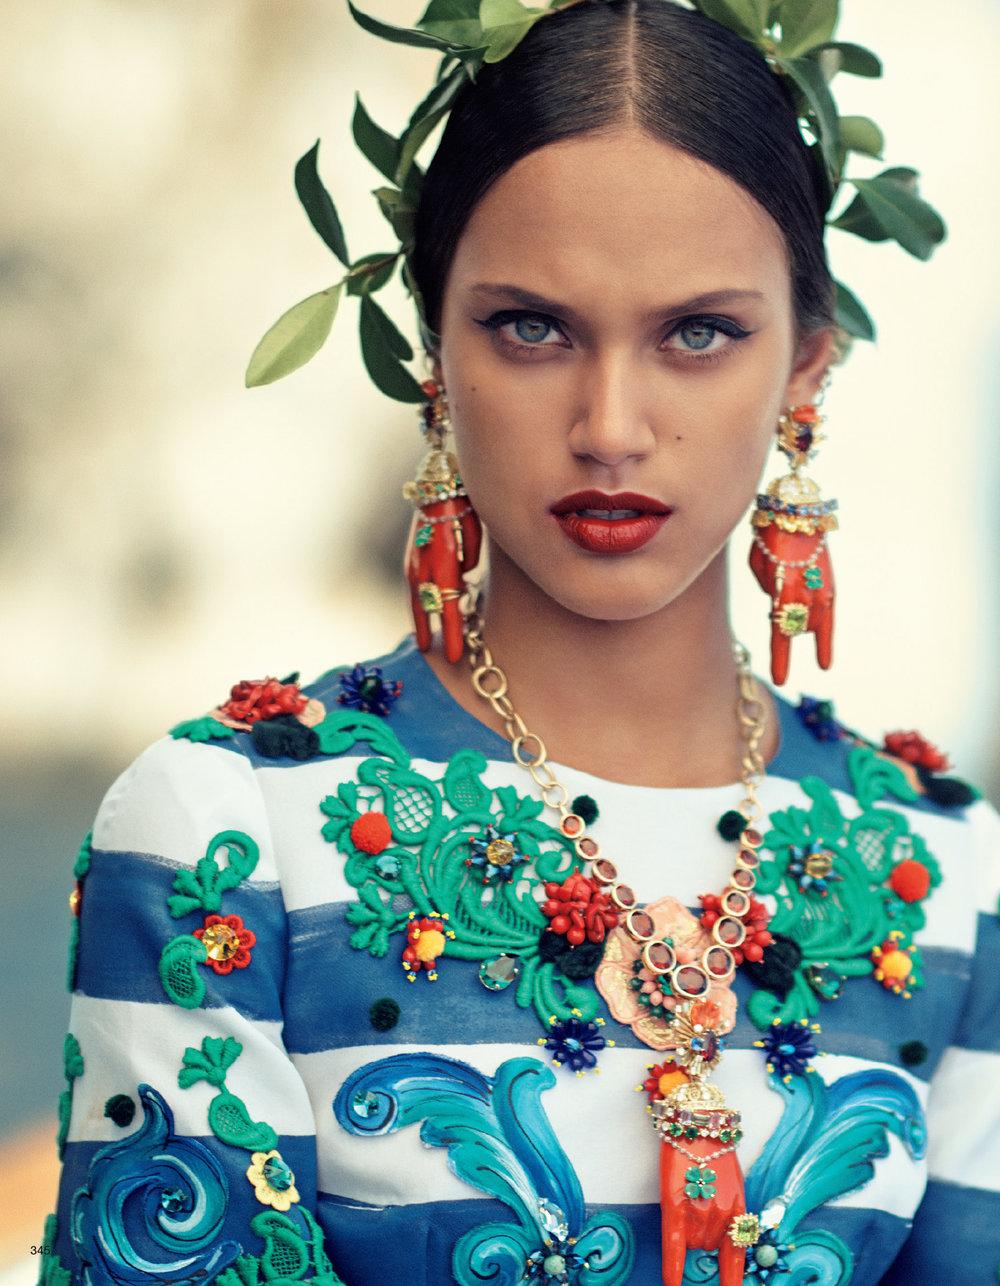 Giovanna-Battaglia-La-Canzone-Del-Mare-Vogue-Japan-03.jpg